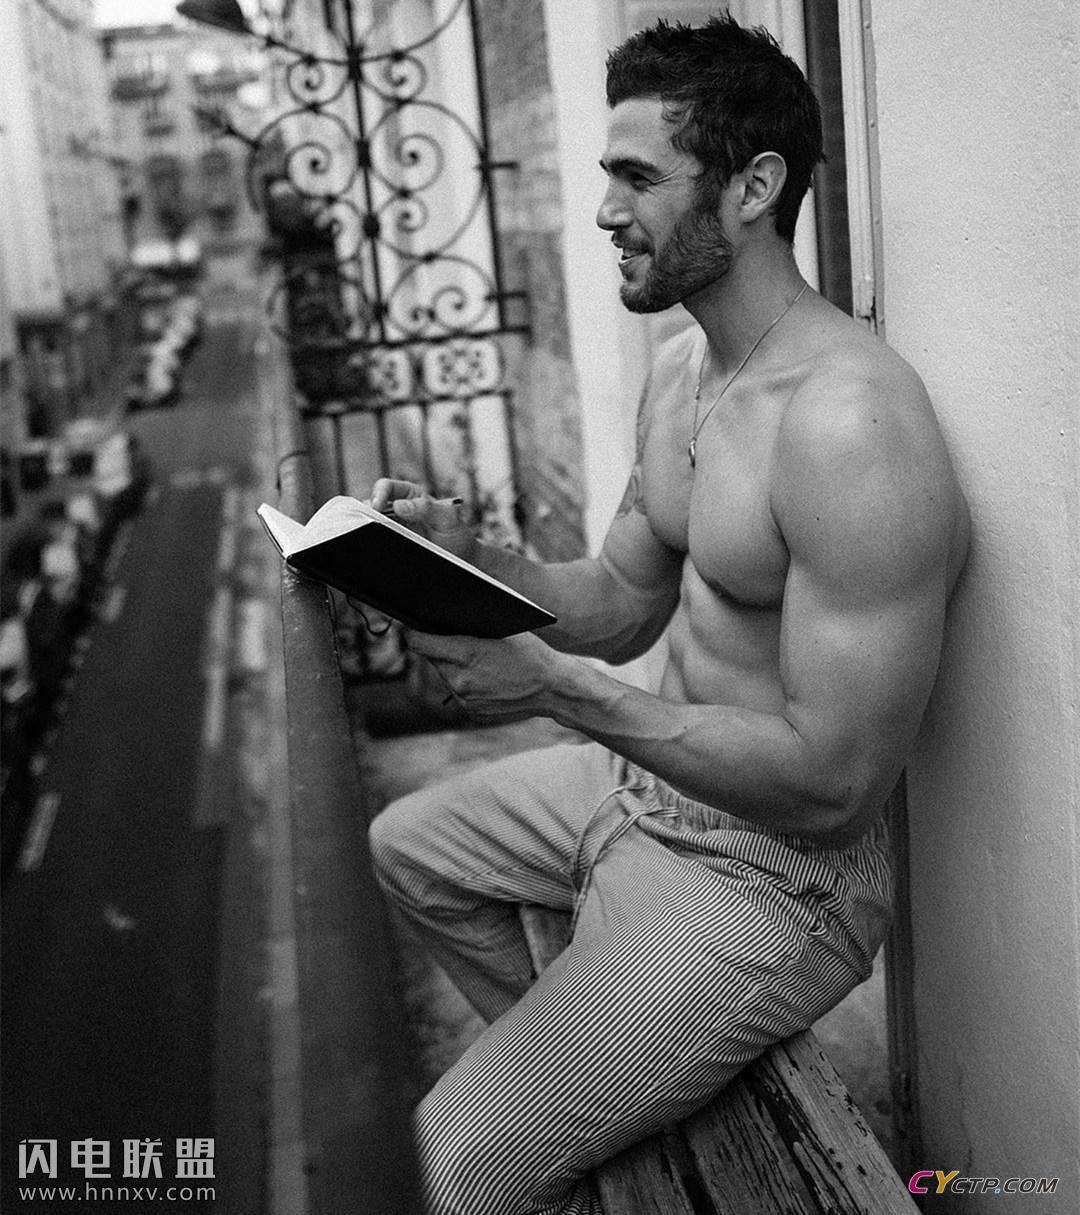 完美体形肌肉男模私房照第5张